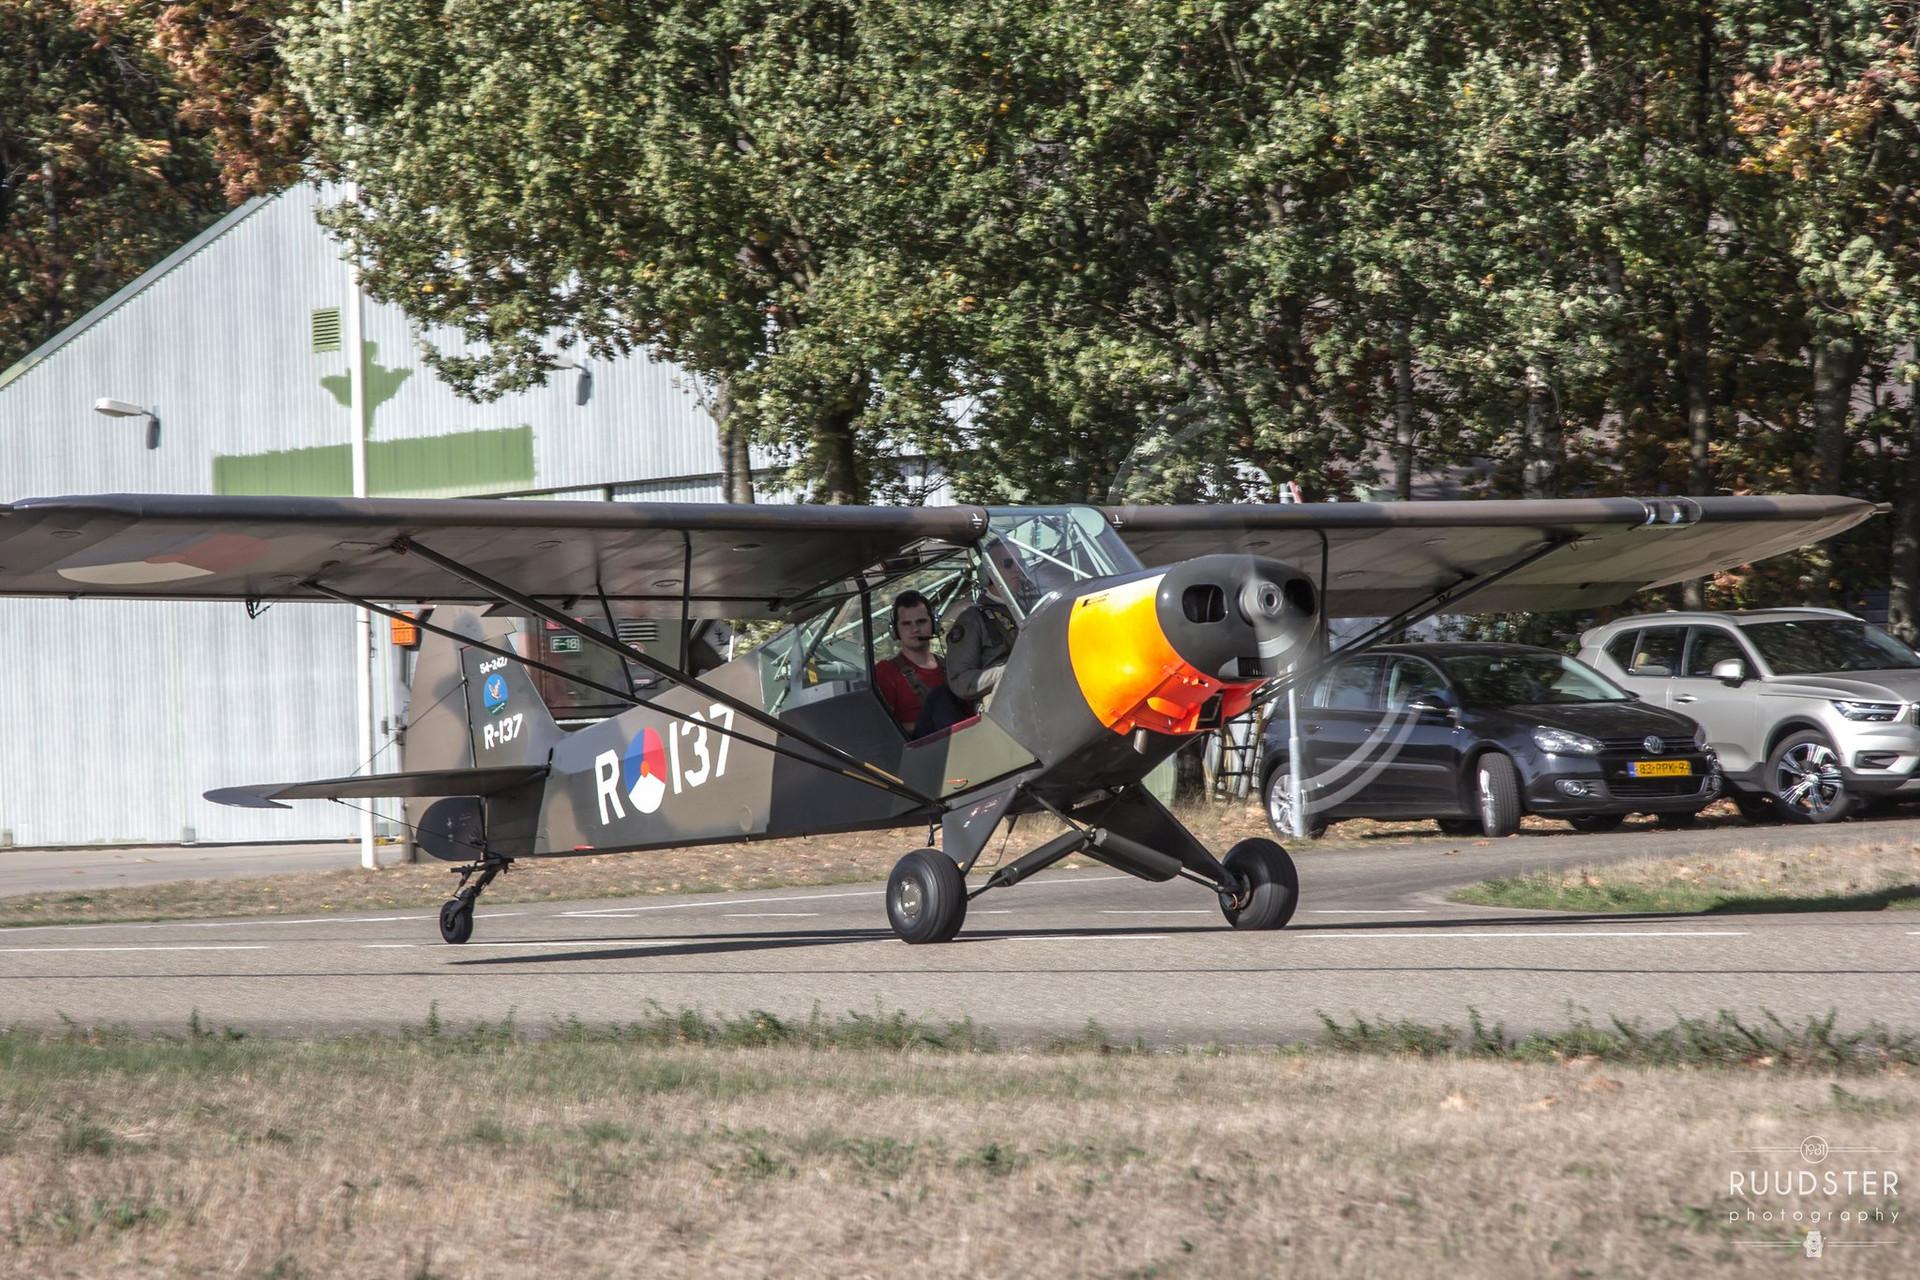 R-137   Build: 1954 - Piper Super Cub L-21A/U-7B